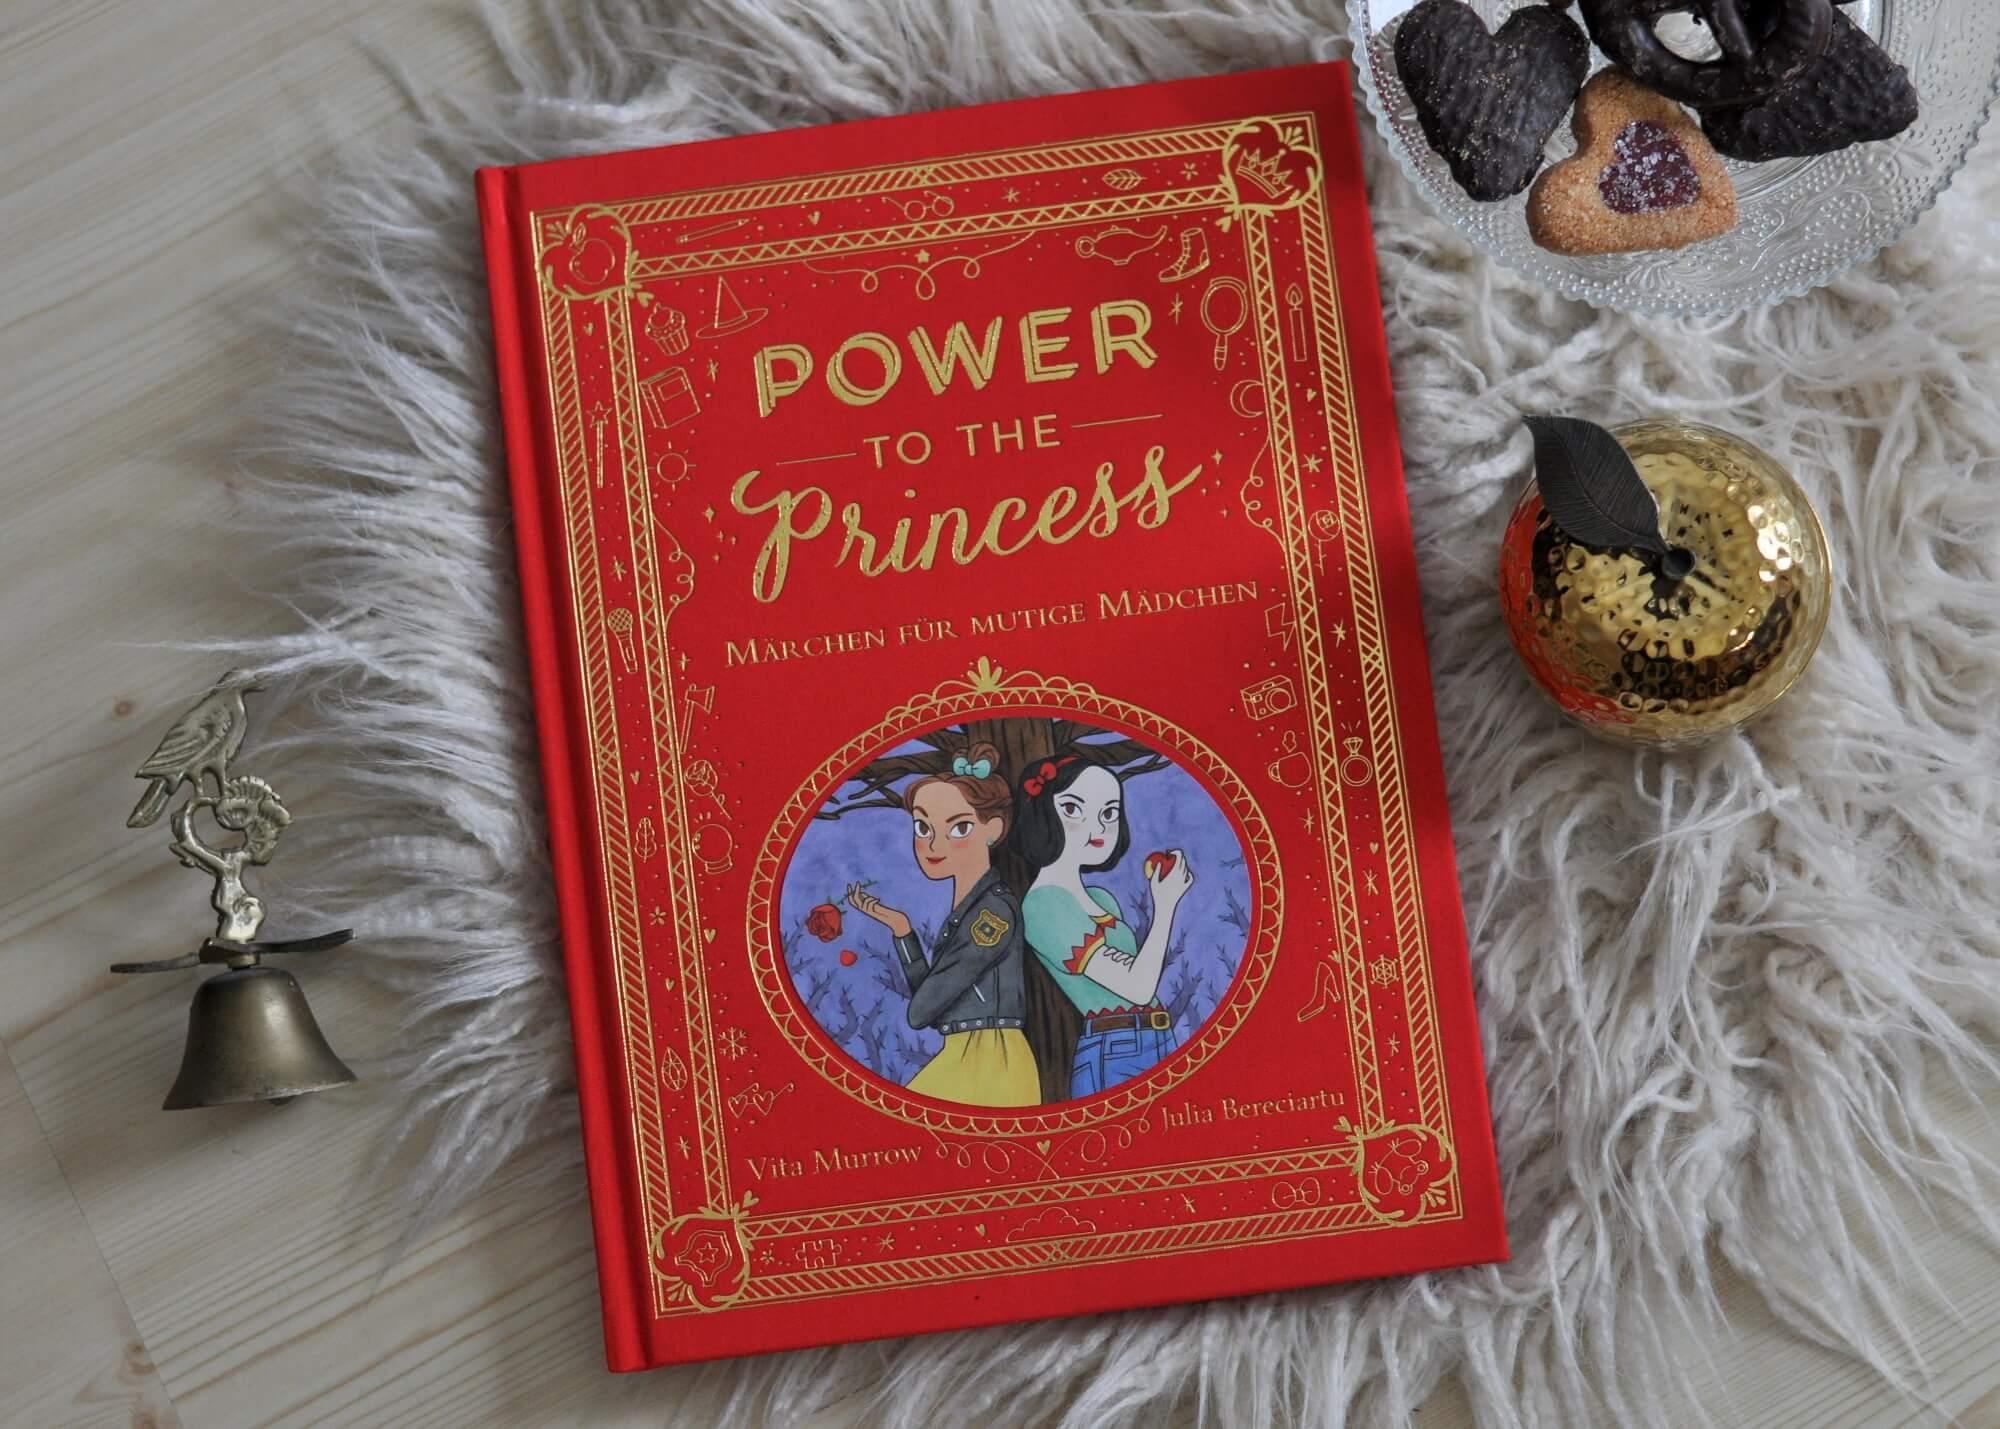 Was wäre wenn Prinzessinnen nicht auf ihren Prinzen warten, sondern ihr Glück selbst in die Hand nehmen? Genau davon erzählen die 15 Geschichten in Power to the Princess: Rapunzel wird eine weltberühmte Architektin für magische Gebäude, Rotkäppchen findet ihr Glück als Tierschutzaktivistin und Dornröschen macht sich einen Namen als Spezialistin für Schlafstörungen. #märchen #feminismus #prinzessin #mutig #mädchen #modern #beruf #weihnachten